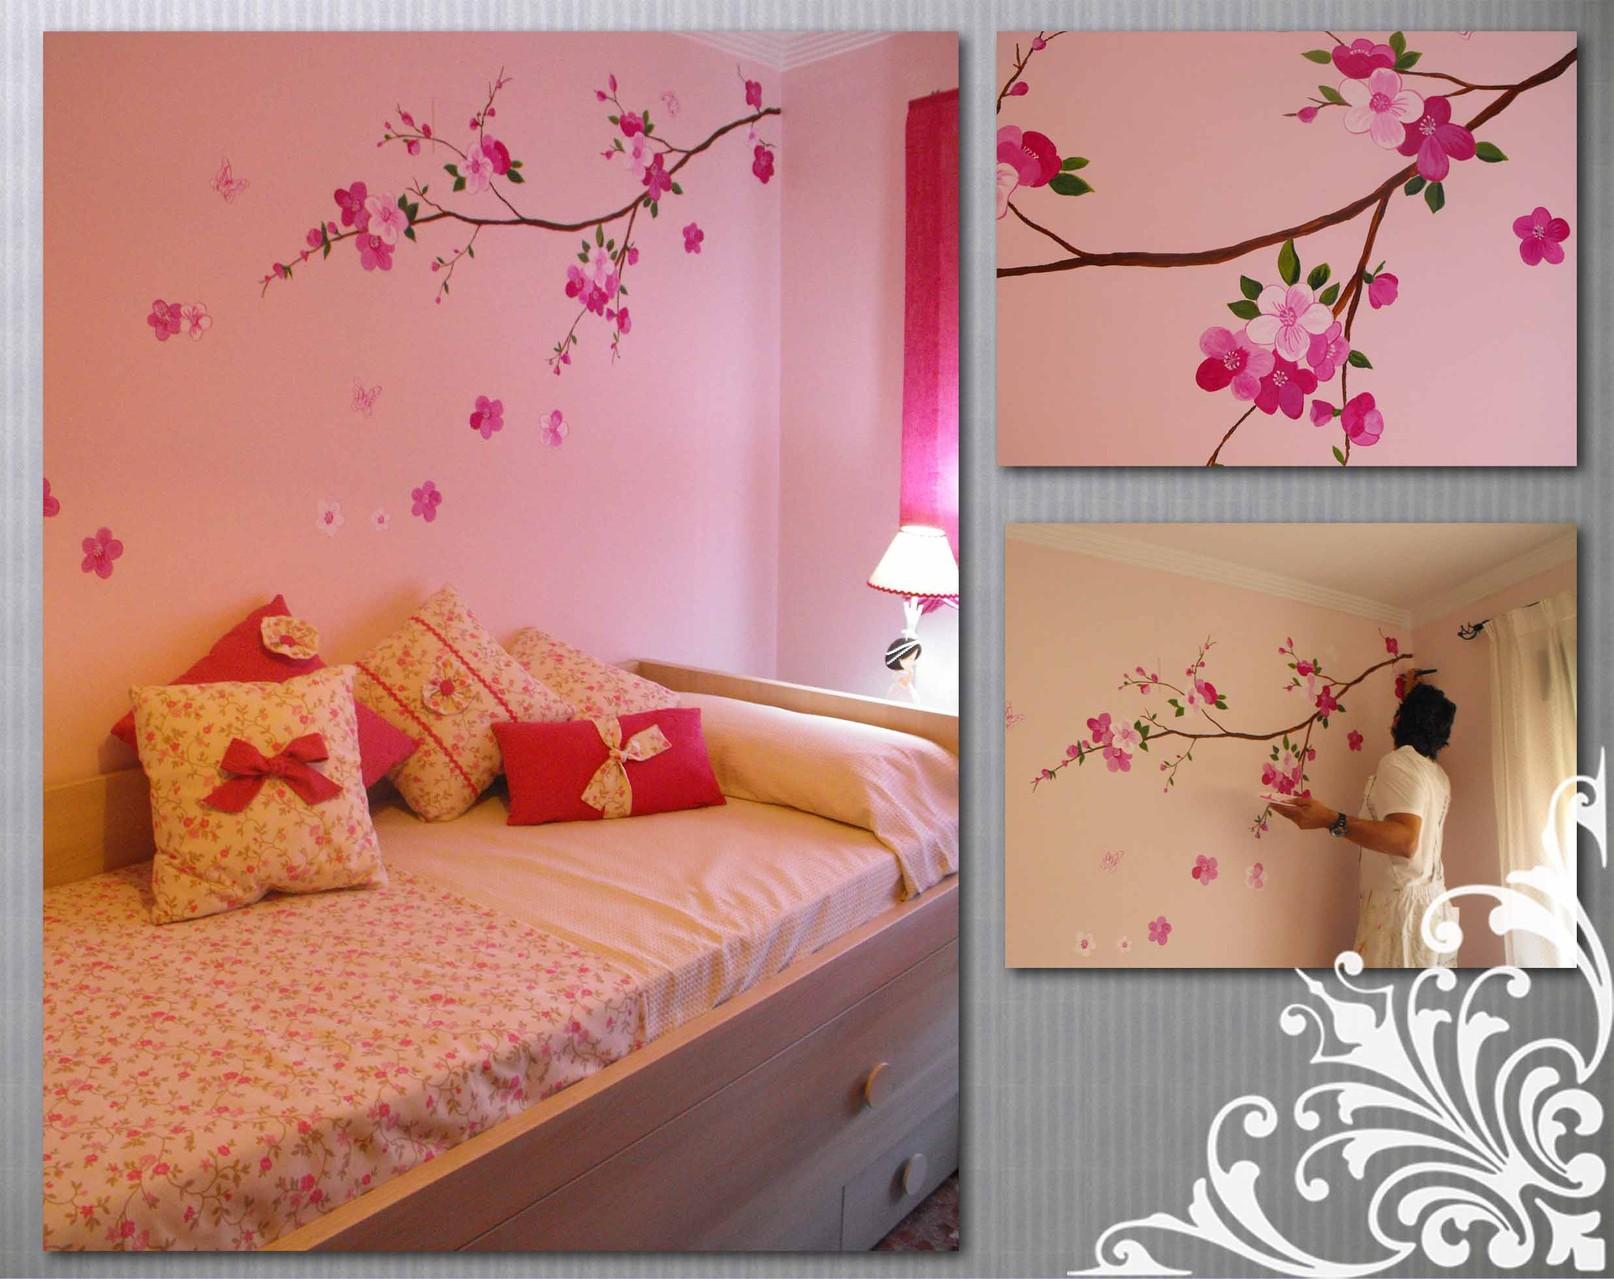 Dormitorios murales infantiles cantabria decoraci n - Dormitorio infantil segunda mano ...